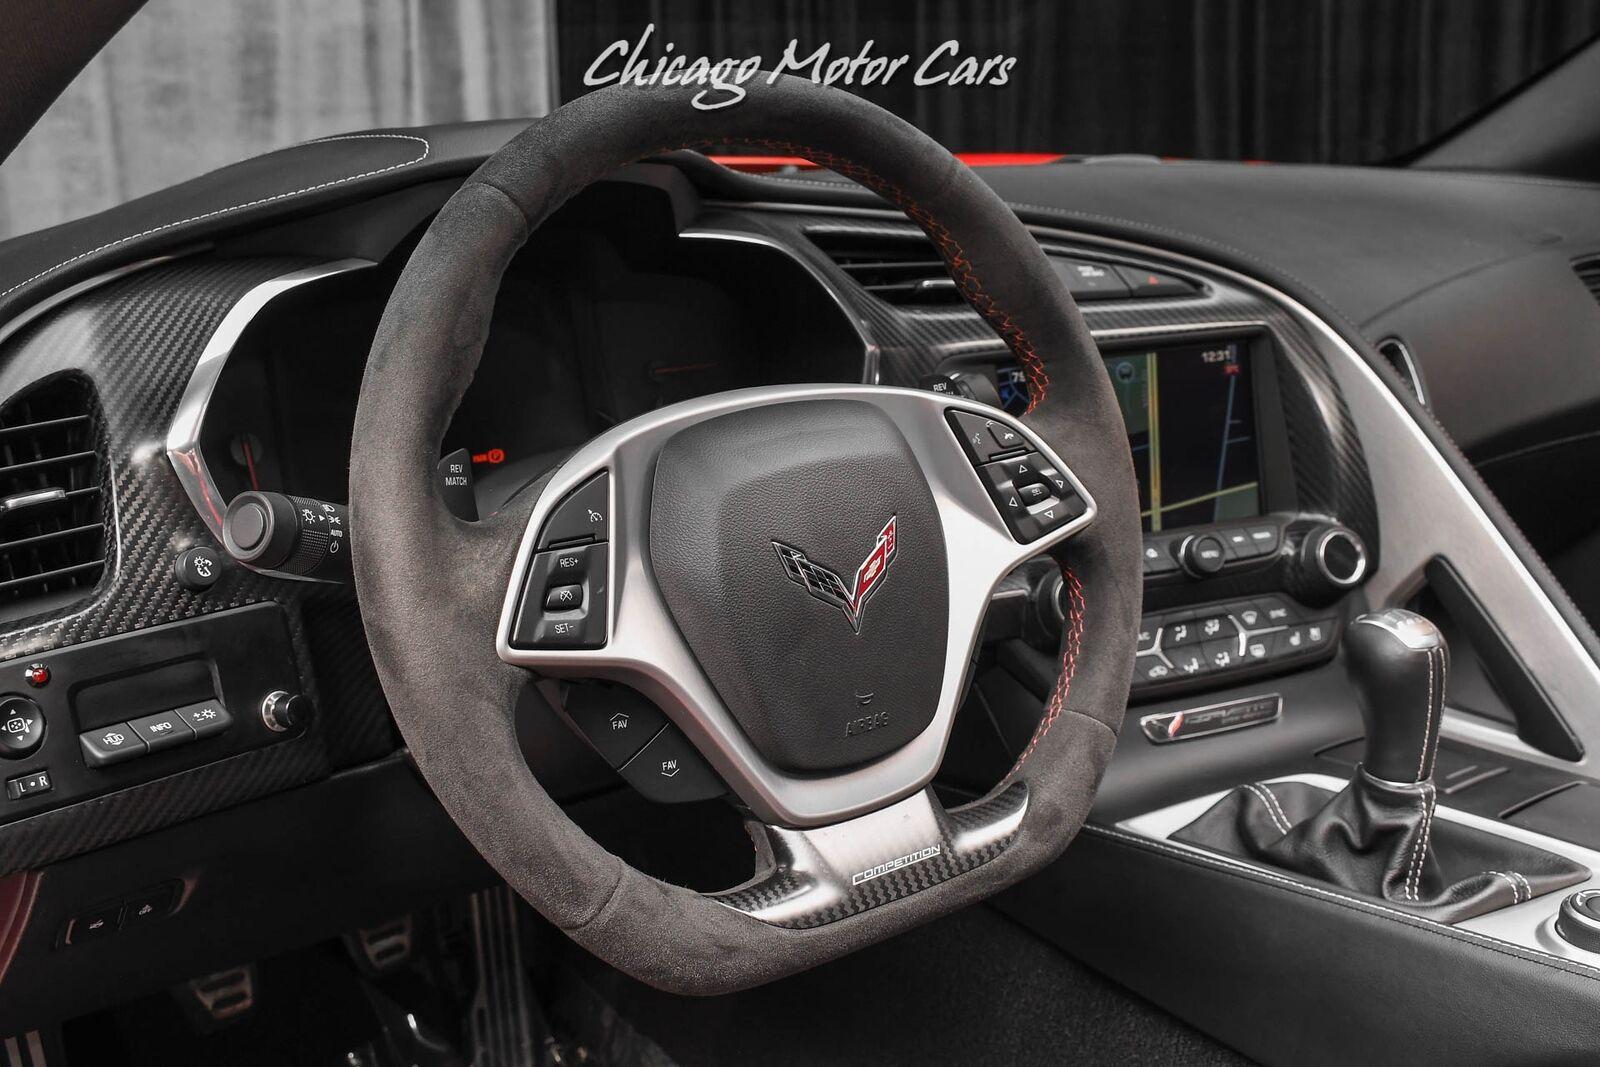 2014 Red Chevrolet Corvette Stingray 2LT | C7 Corvette Photo 10